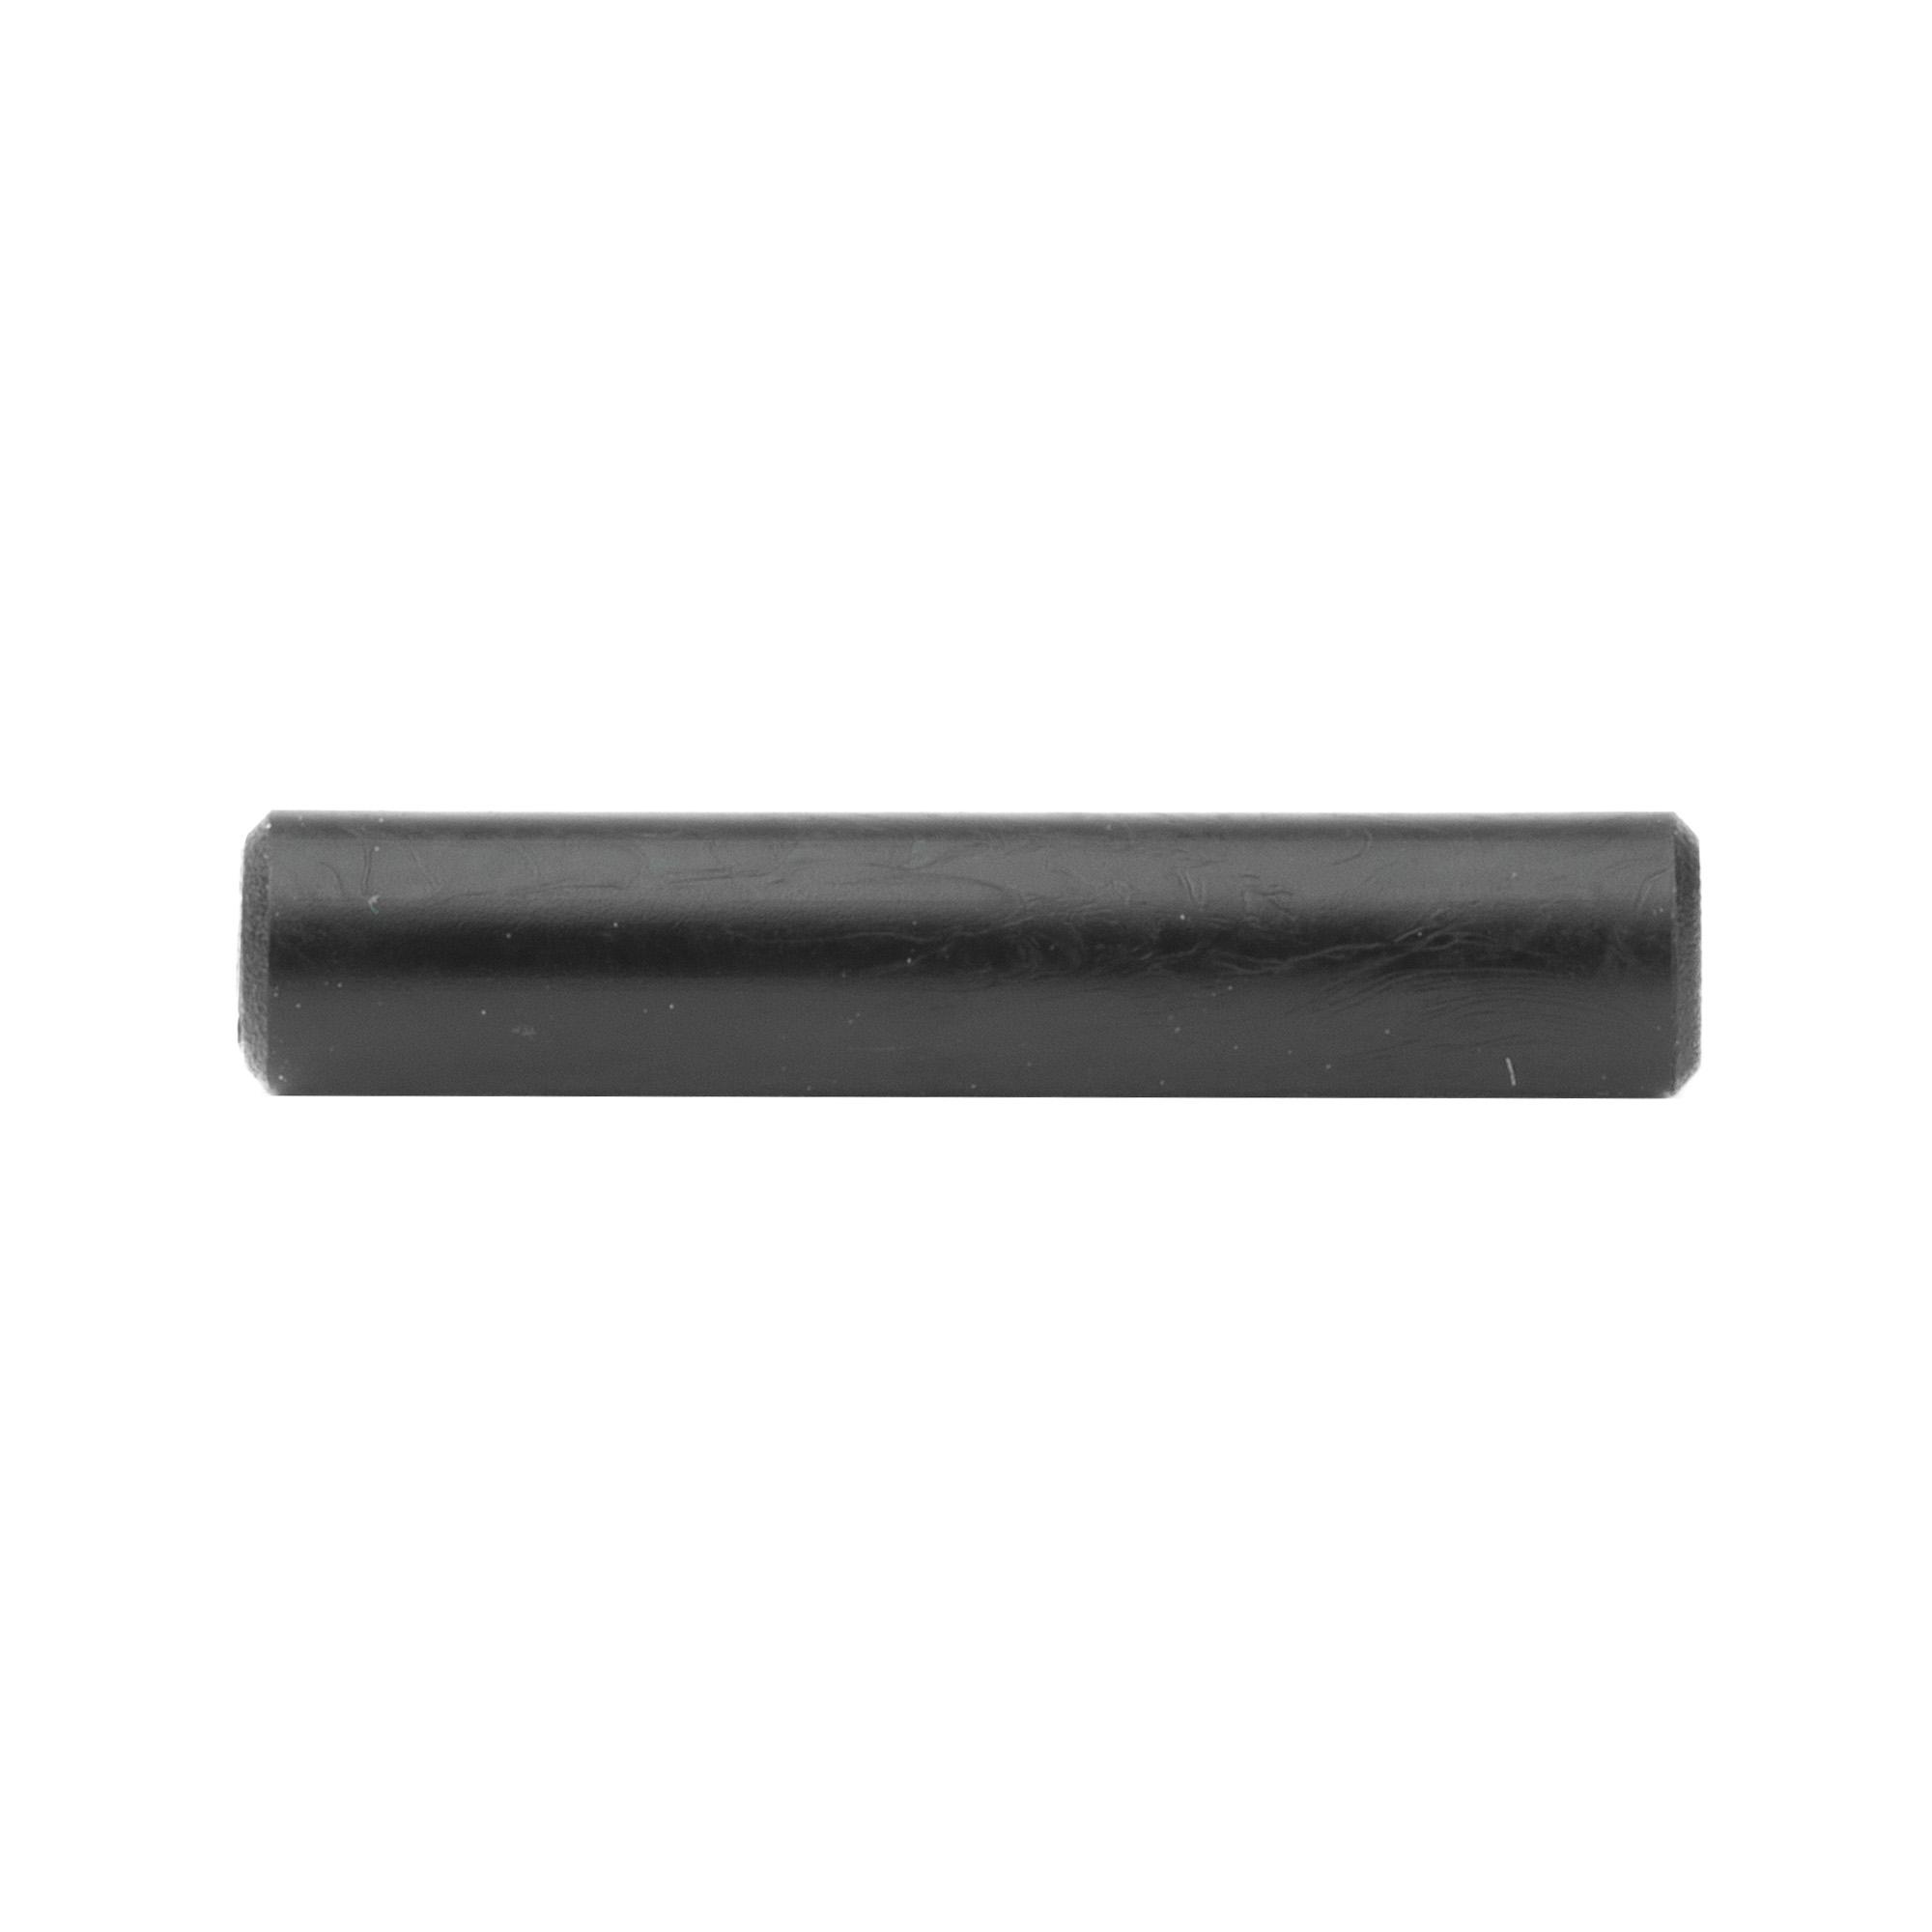 Glock Oem Trggr Housing Pin G42/g43